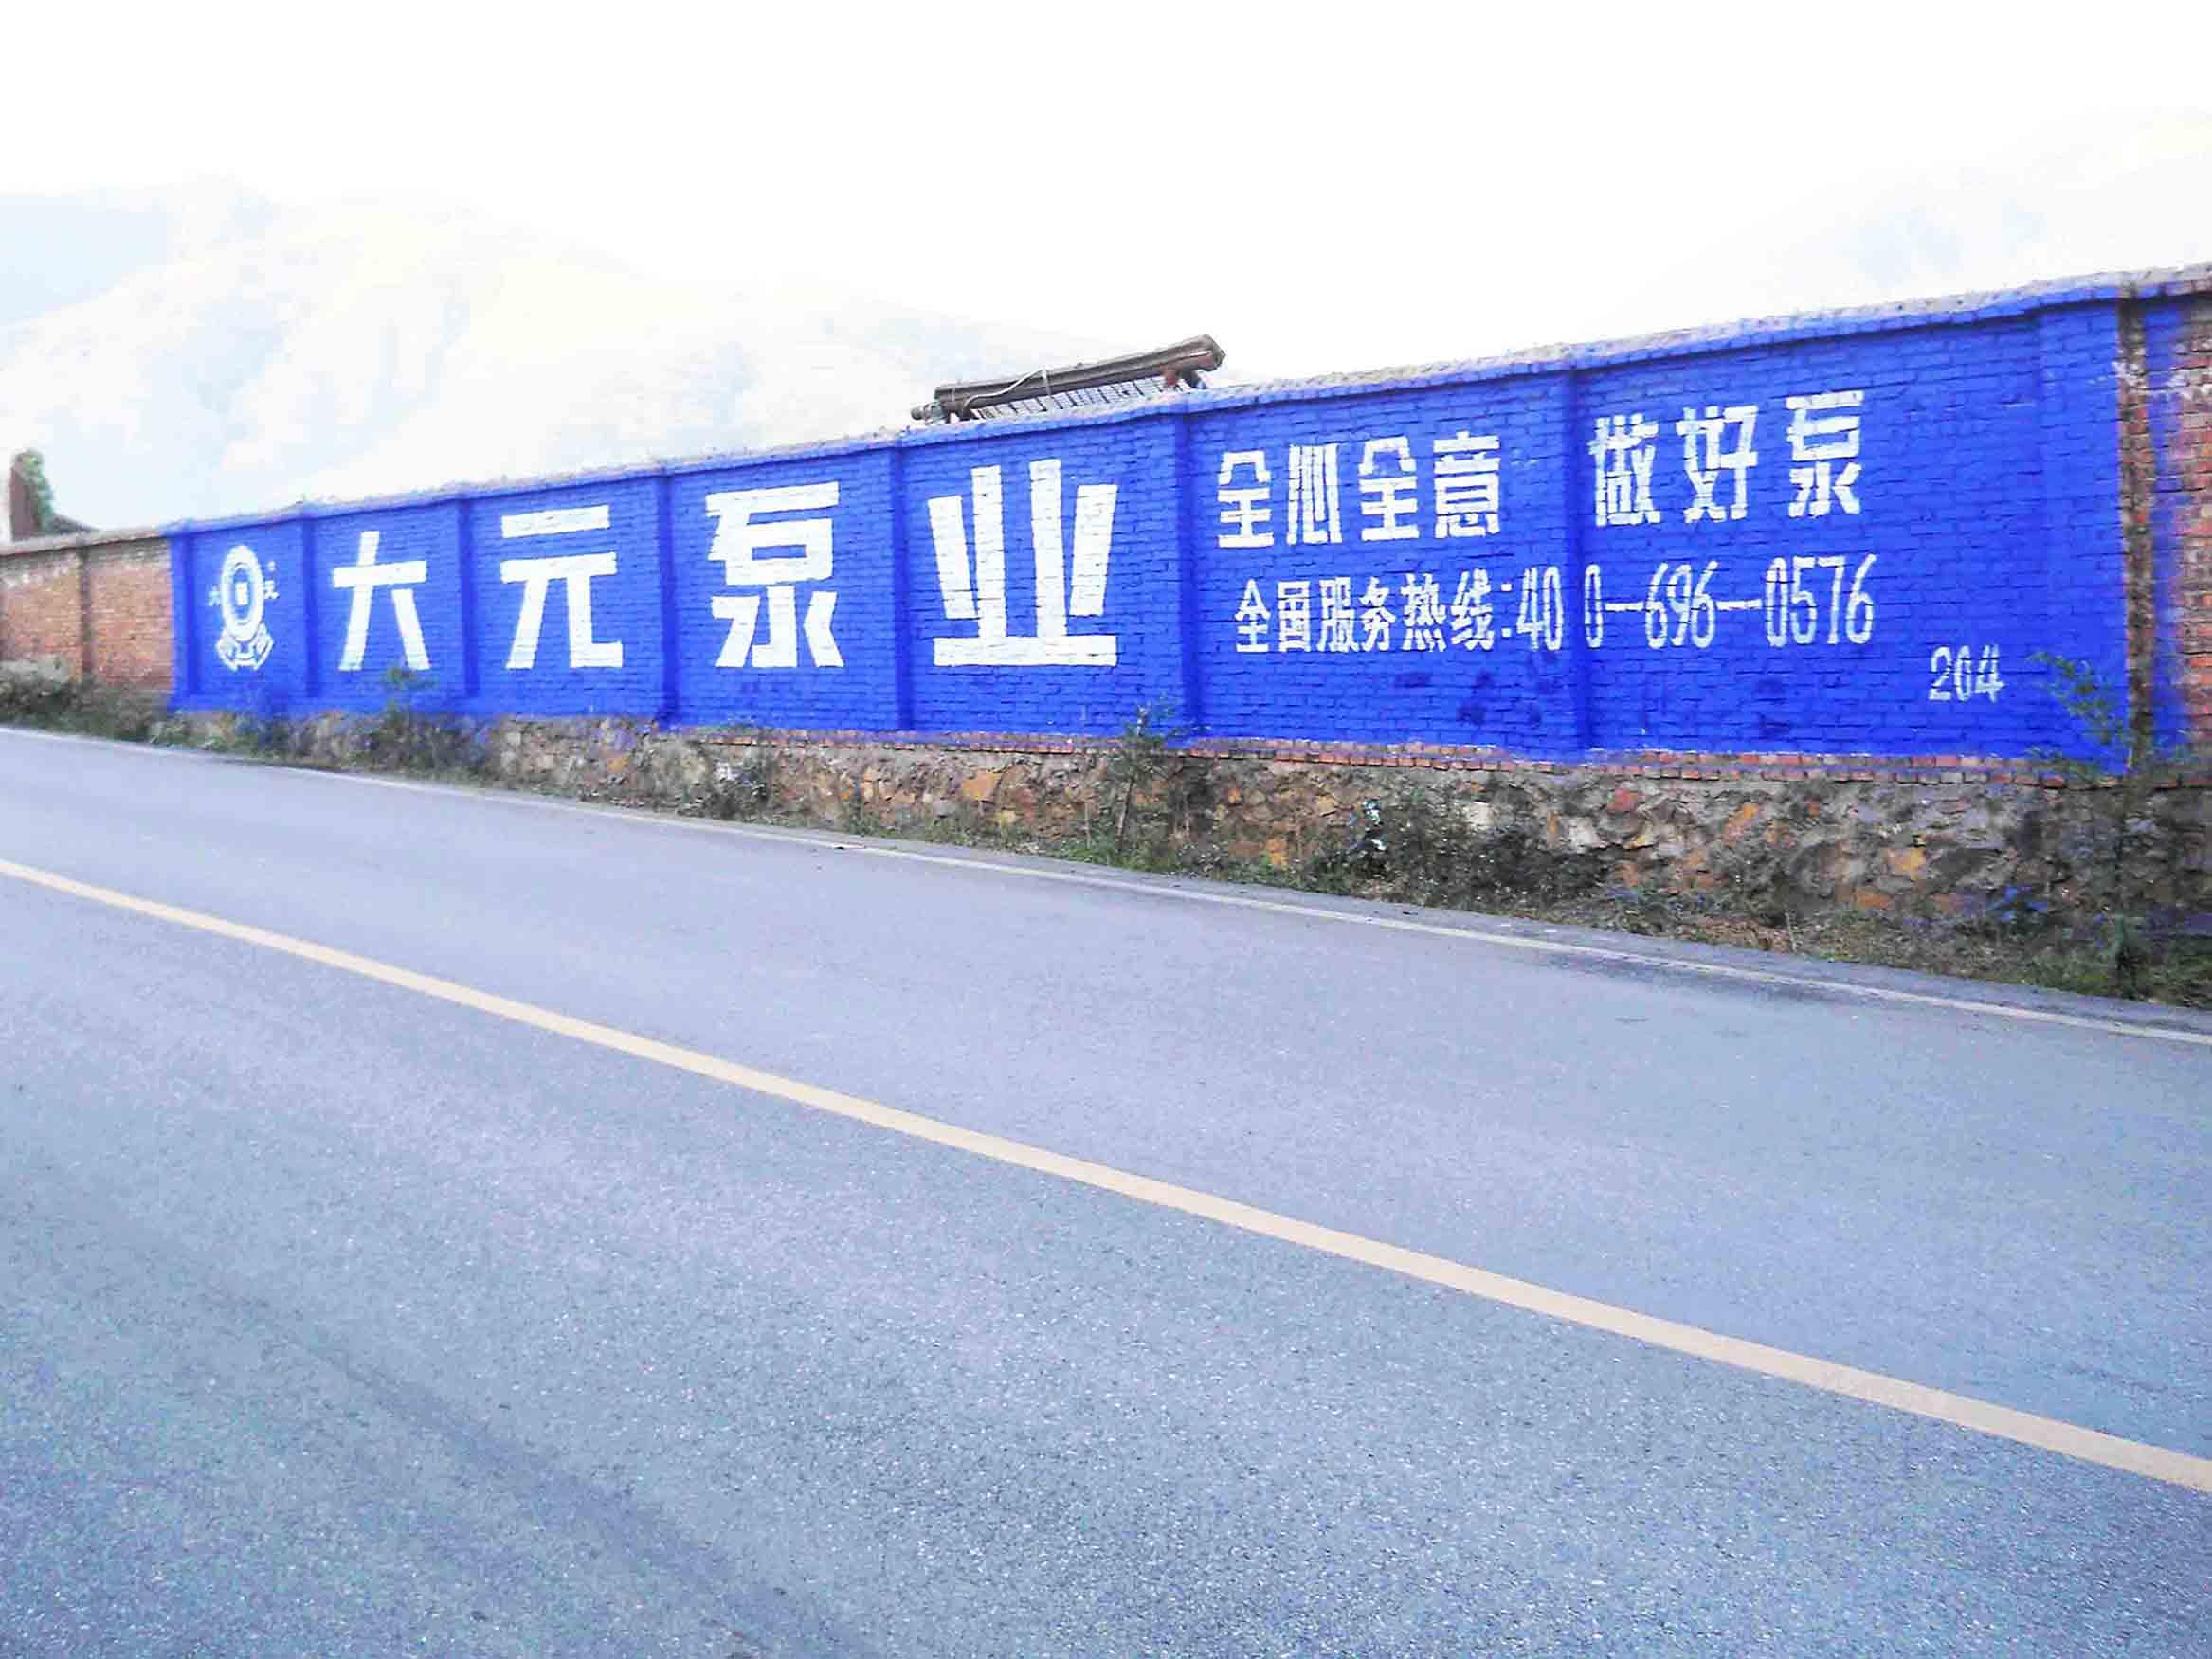 内江墙体广告制作内江刷墙广告宣传内江新农村标语广告                                       -易播网